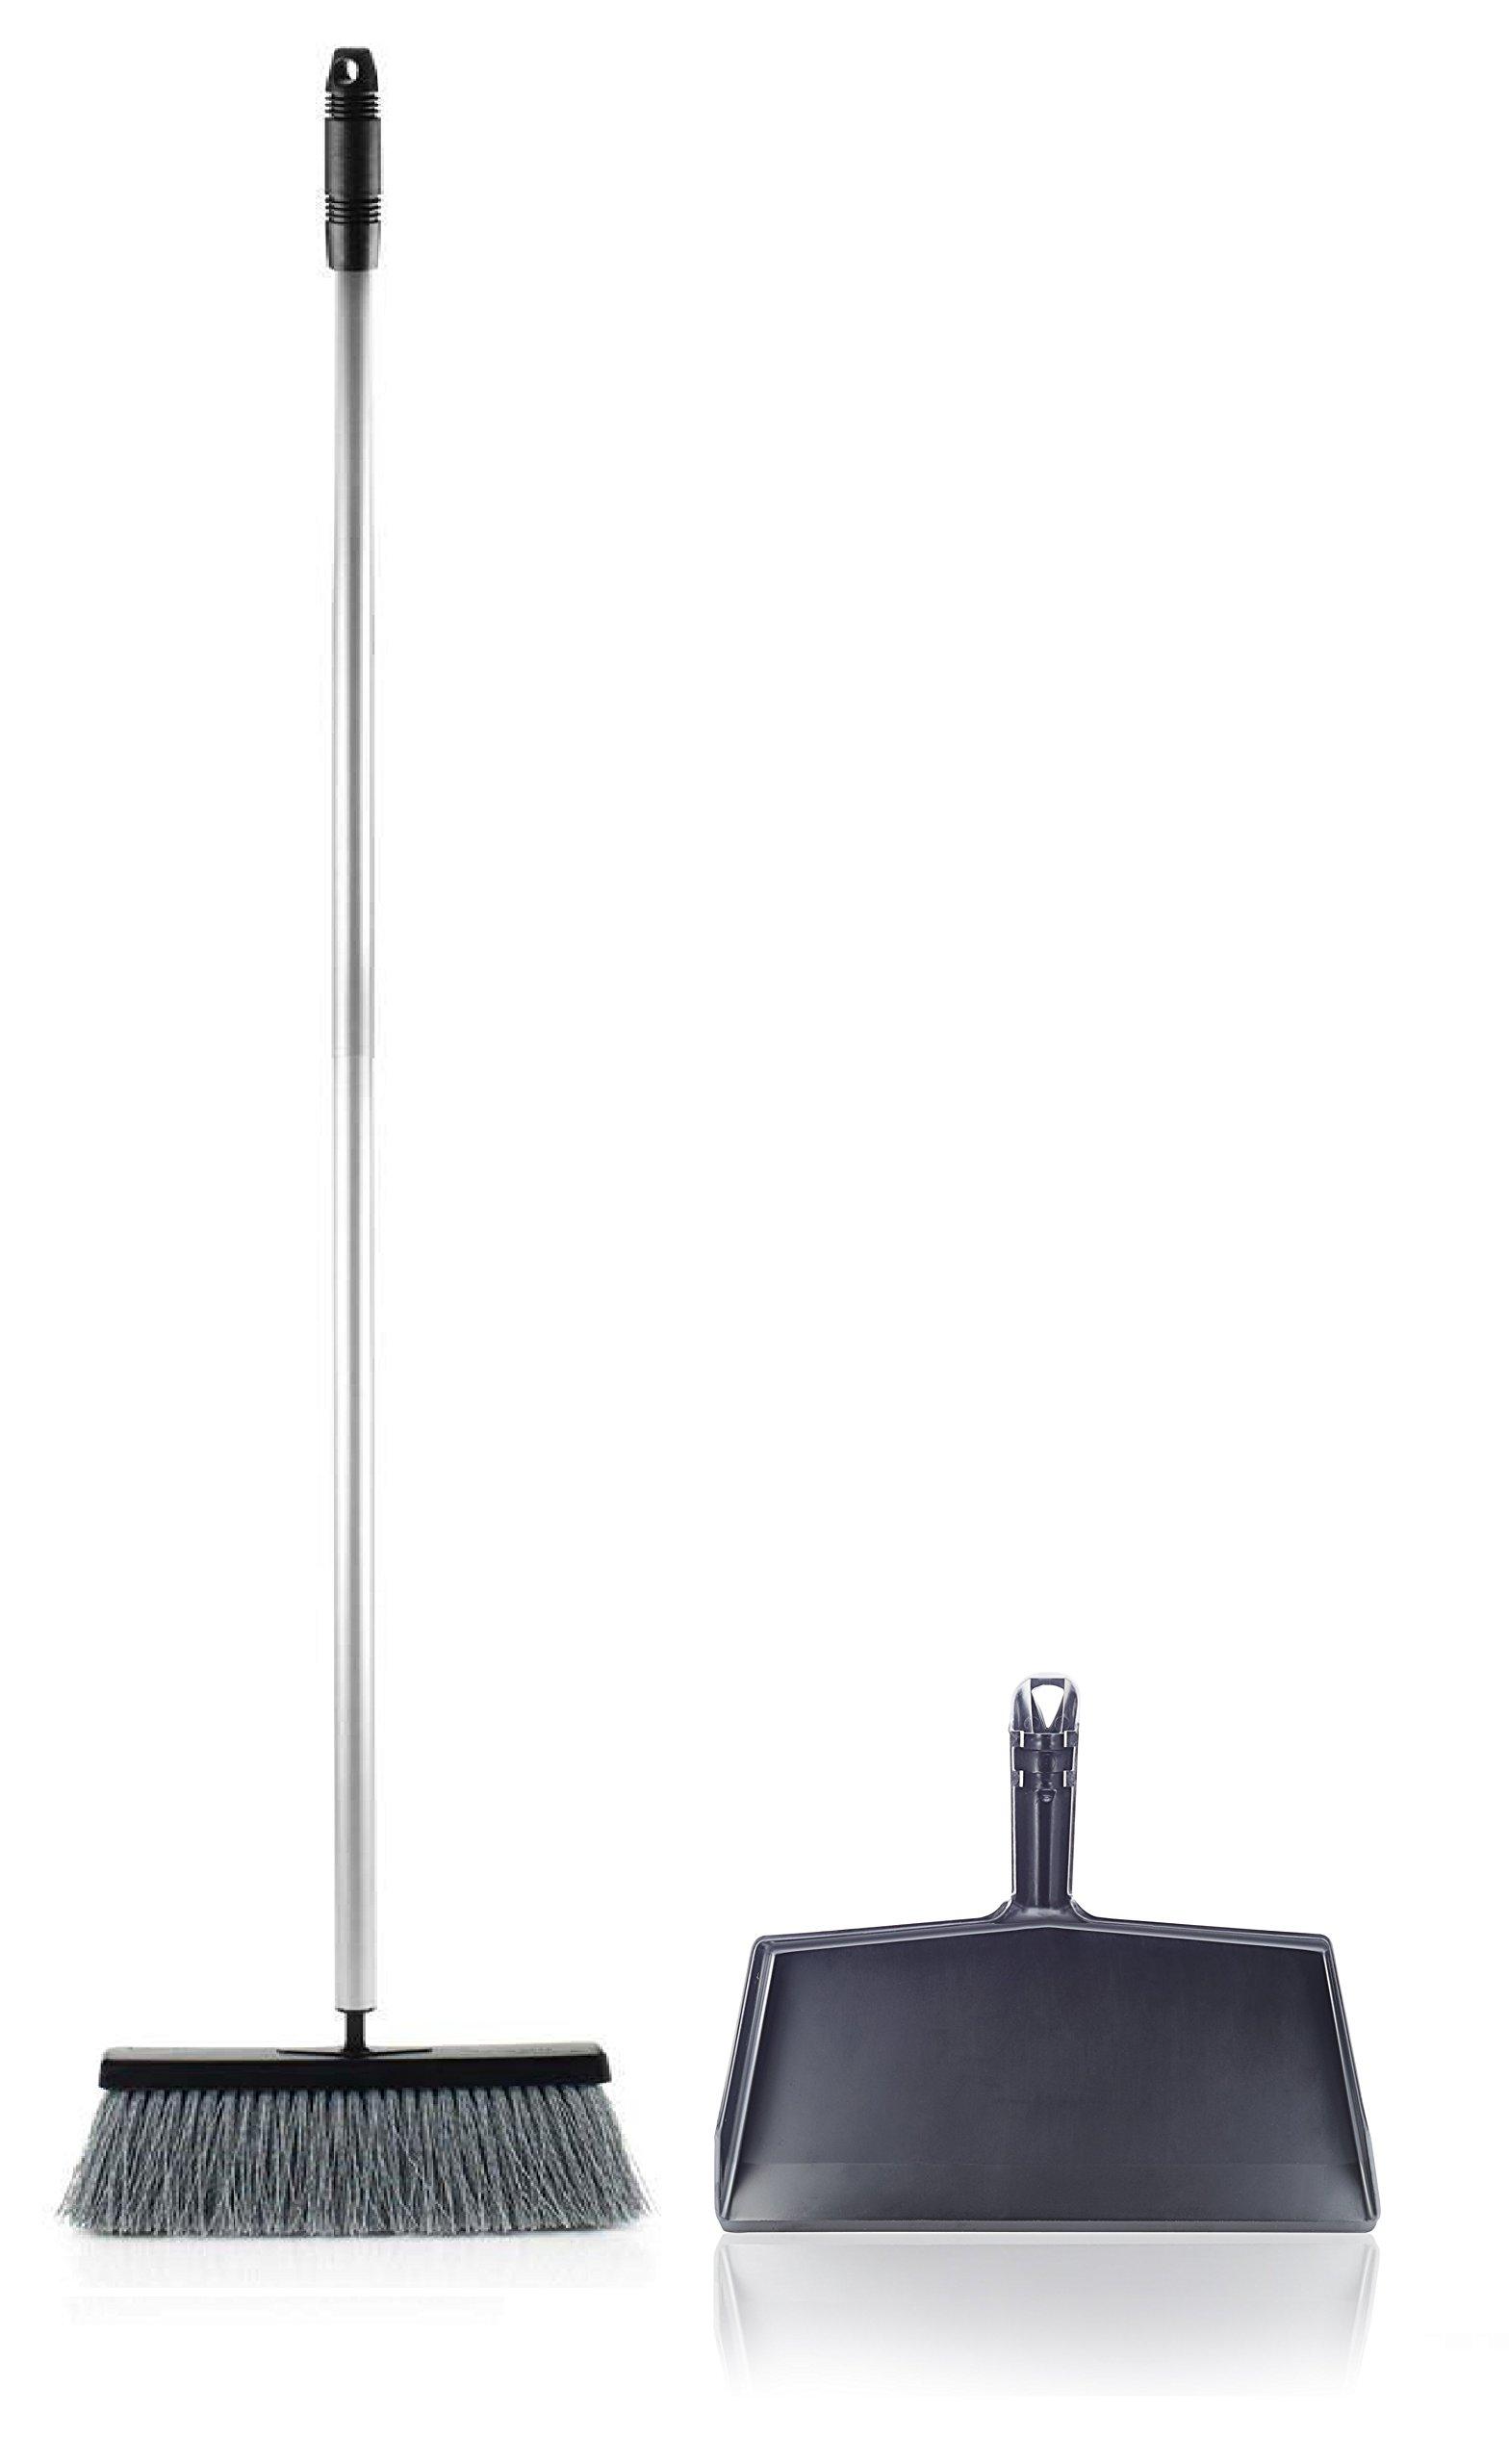 Fuller Brush Deep Reach Black Slender Complete Broom Clip On Dustpan by Fuller Brush